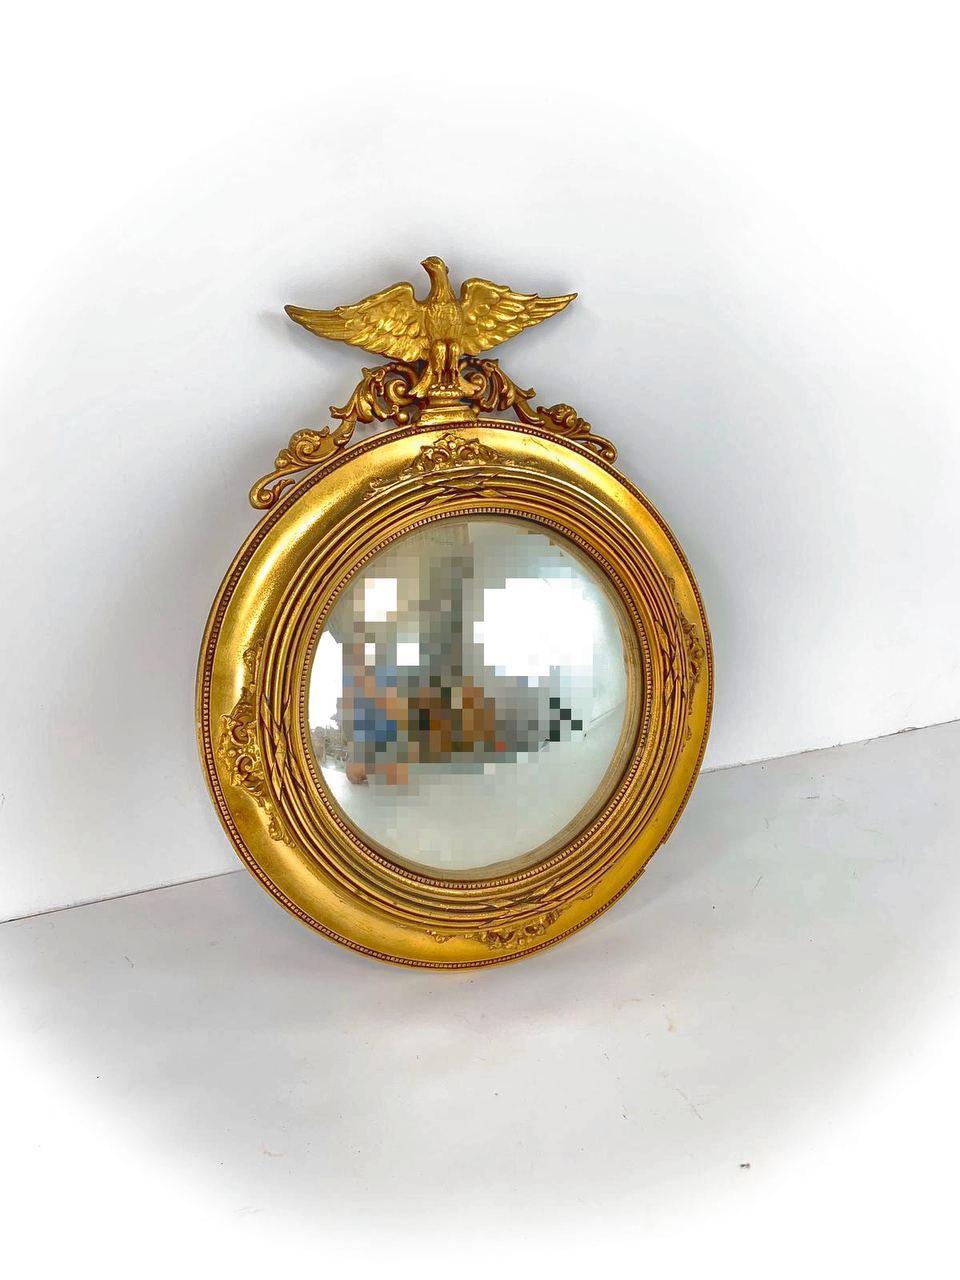 Антикварное выпуклое зеркало в круглой раме